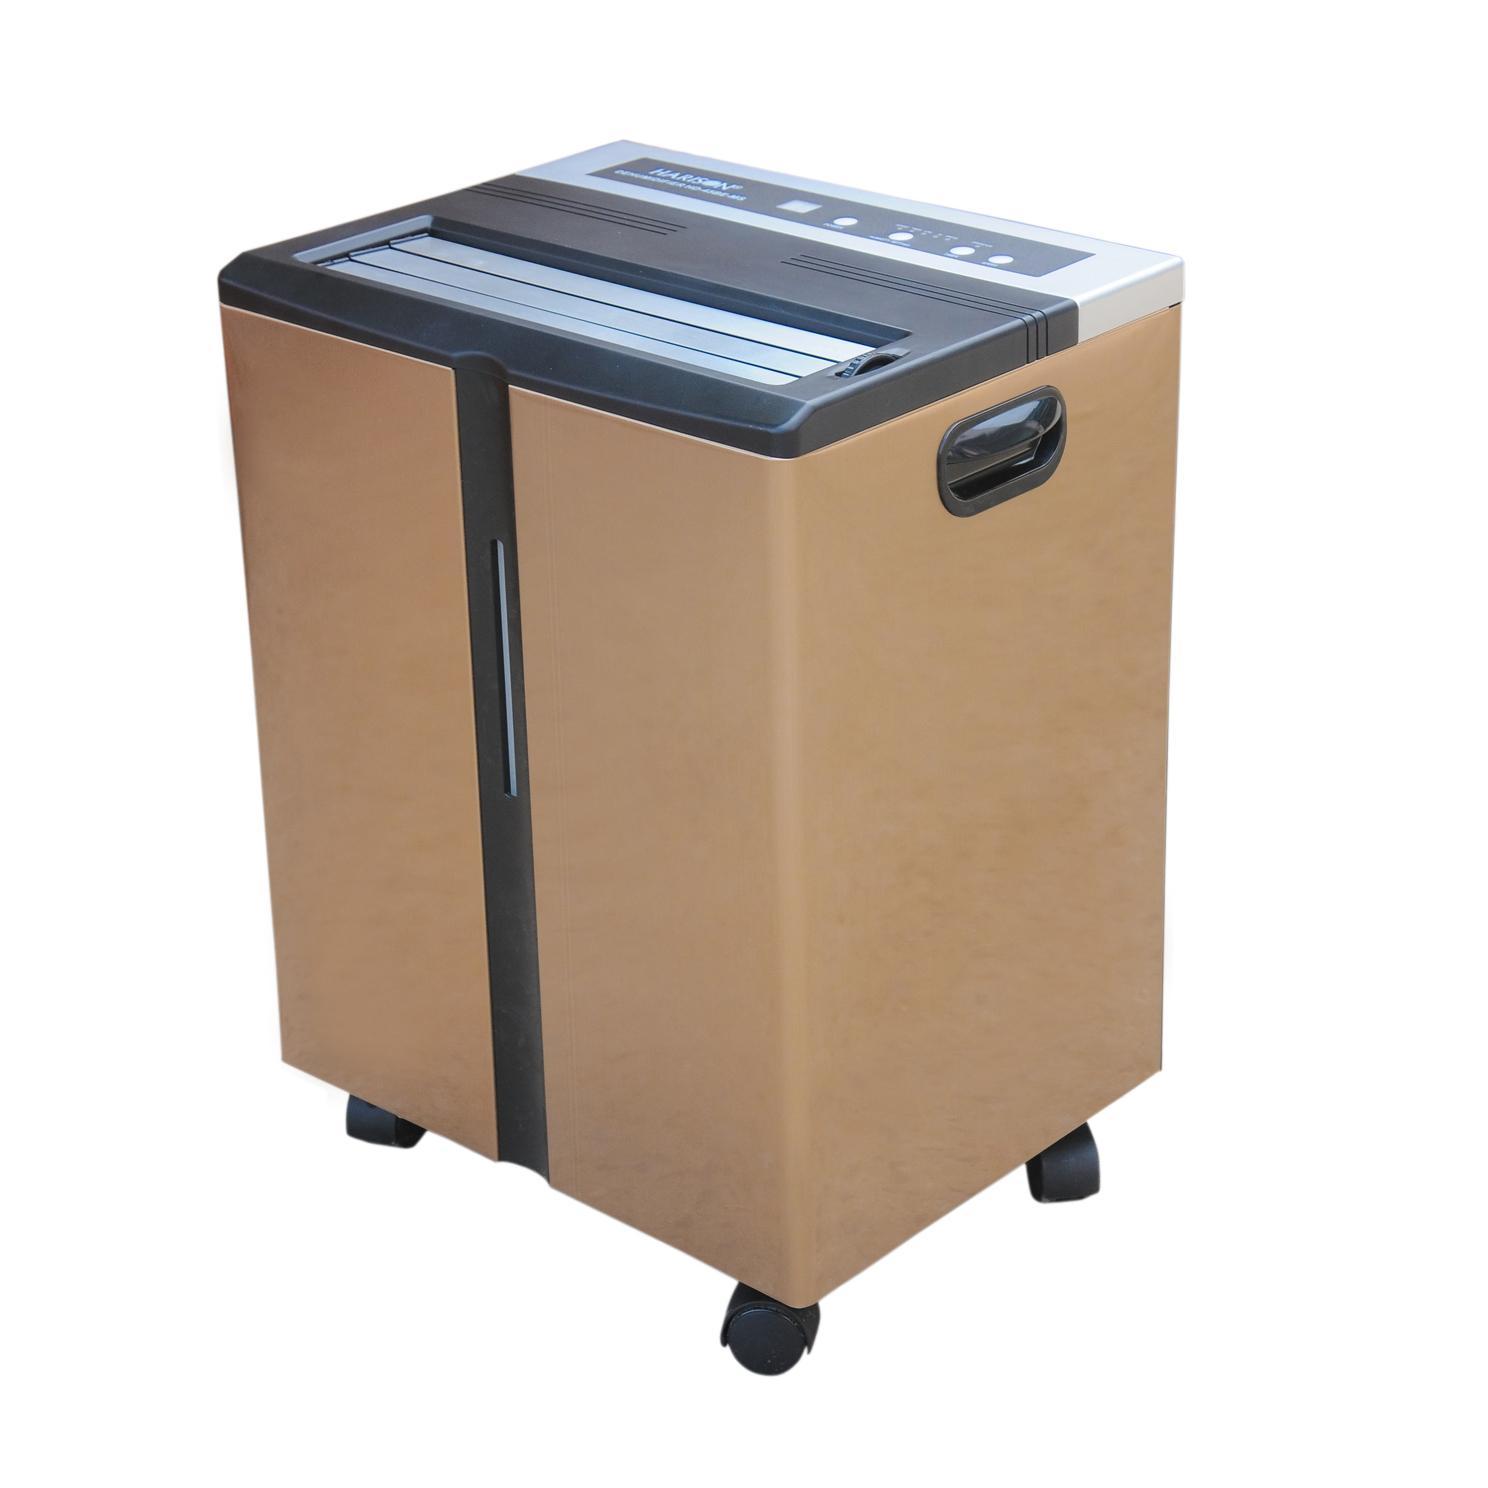 Bảng giá Máy hút ẩm Harison HD-45B dùng cho gia đình Điện máy Pico